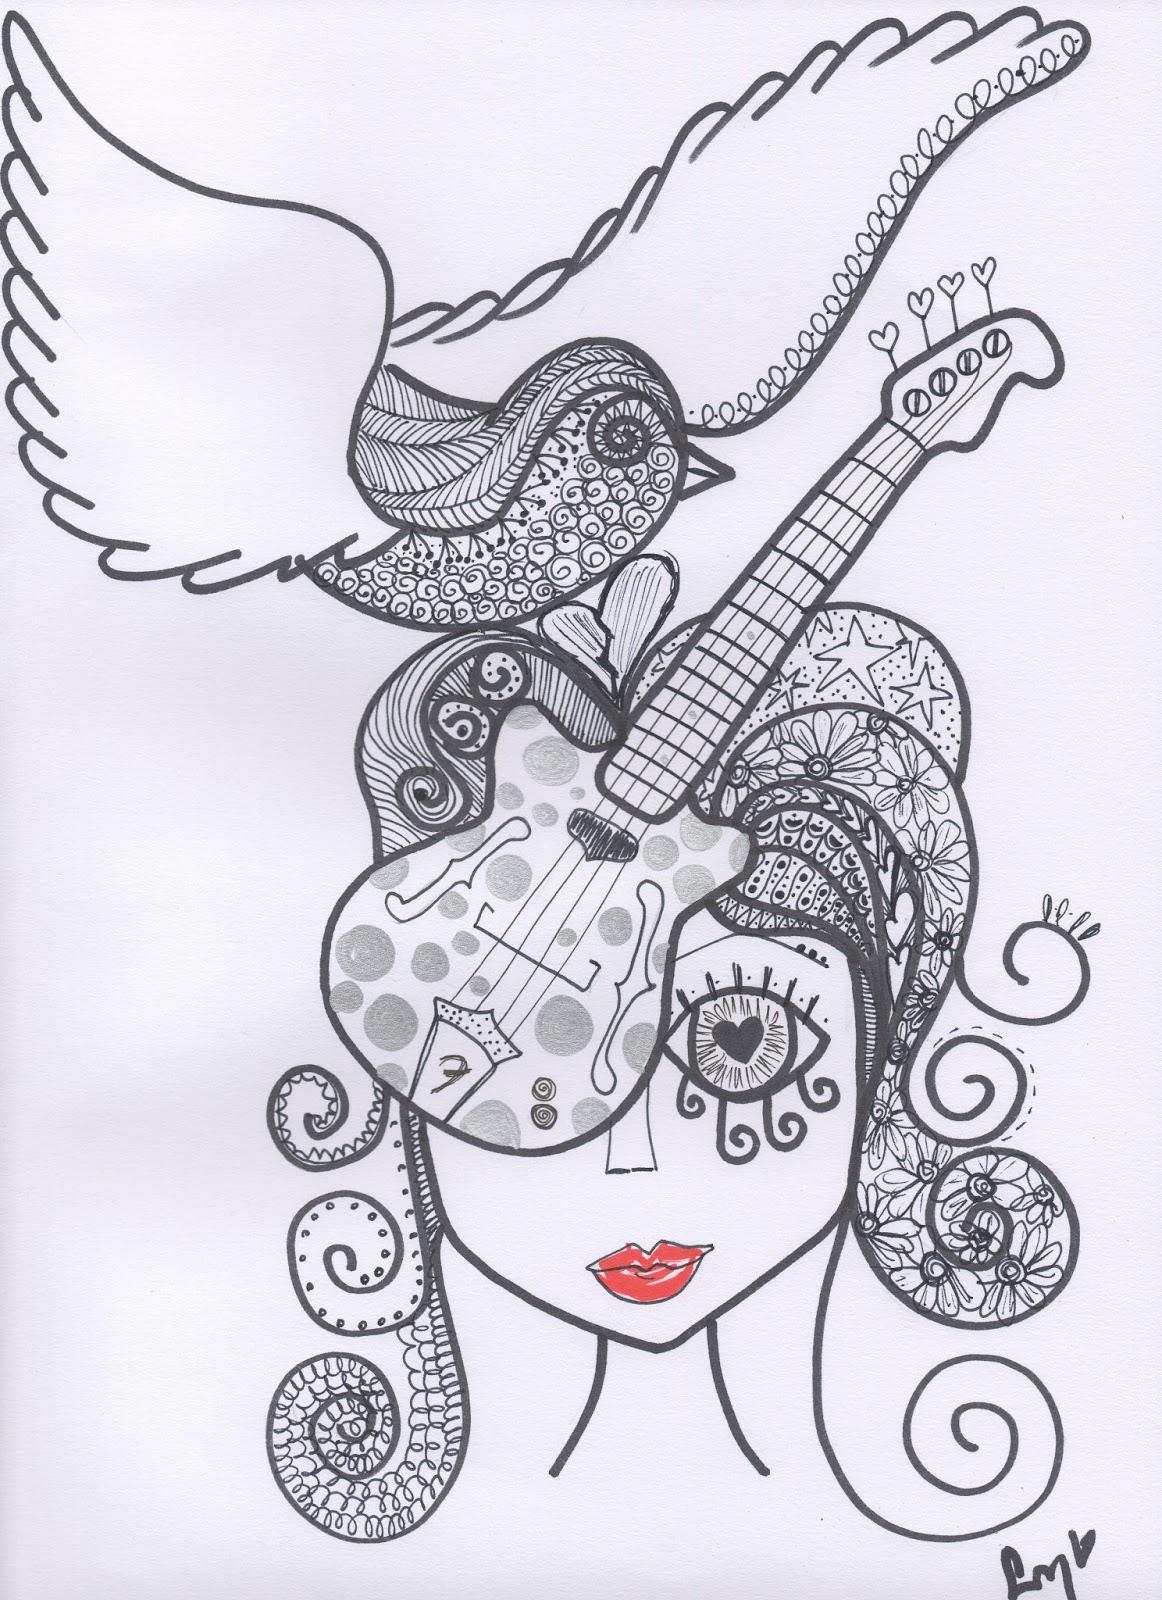 Lola Mento, lolamento, iilustraciones lola mento, ilustraciones lolamento, lola mento ilustraciones, lola mento cuadros, cuadros originales